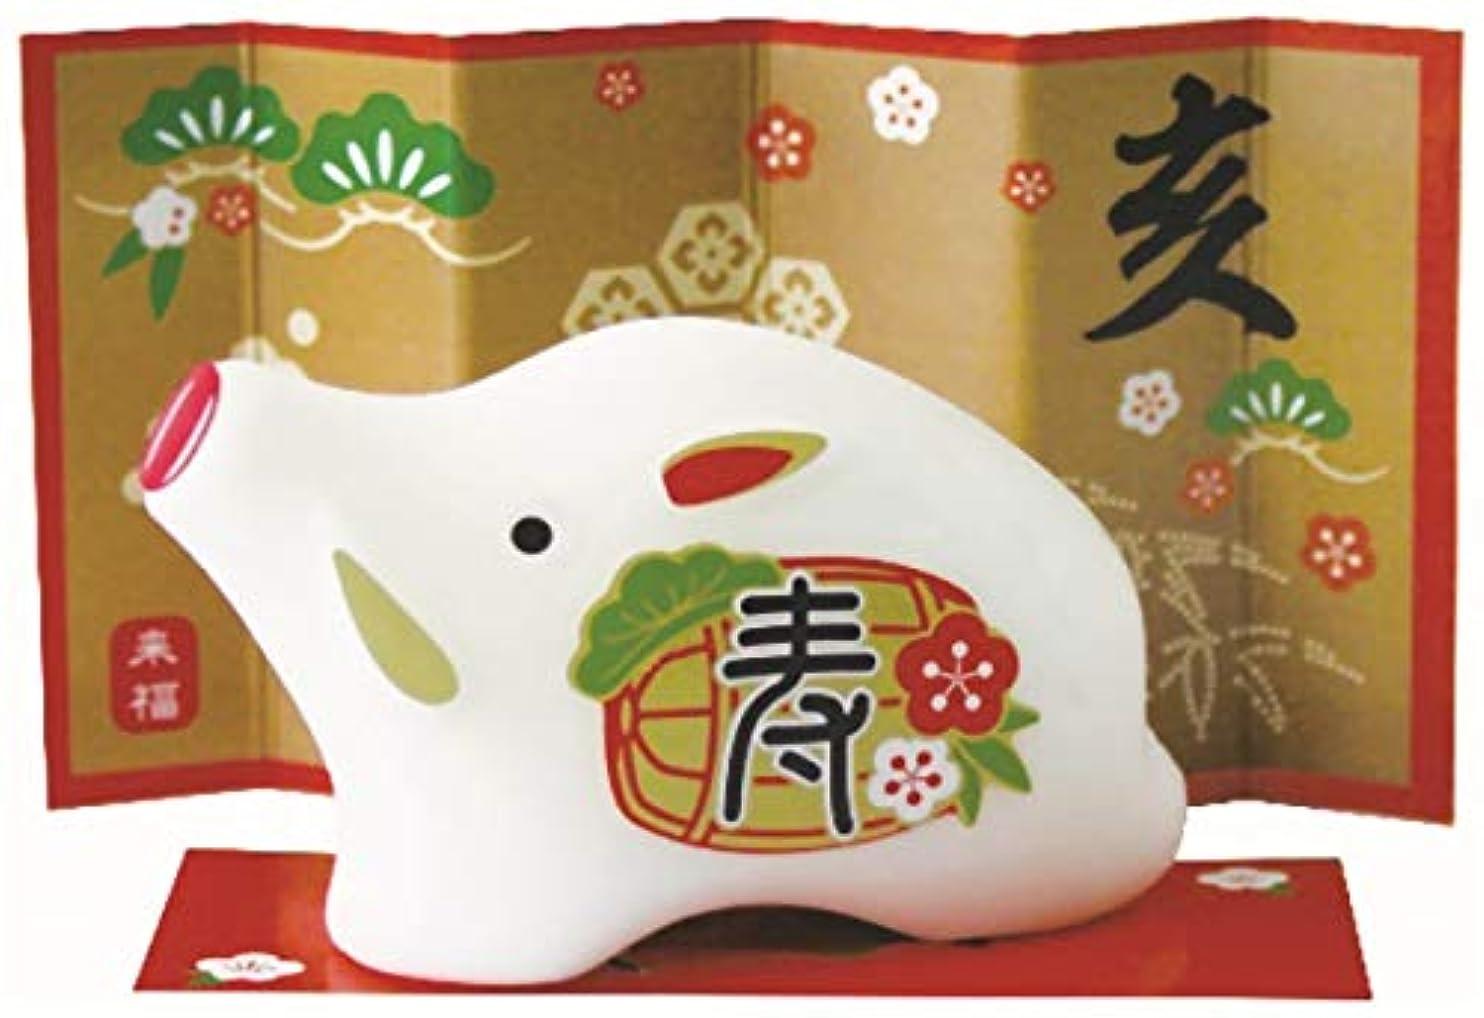 吹雪チャンピオン厳日本製 made in japan 来福石けん[亥] 20-51 【まとめ買い100個セット】